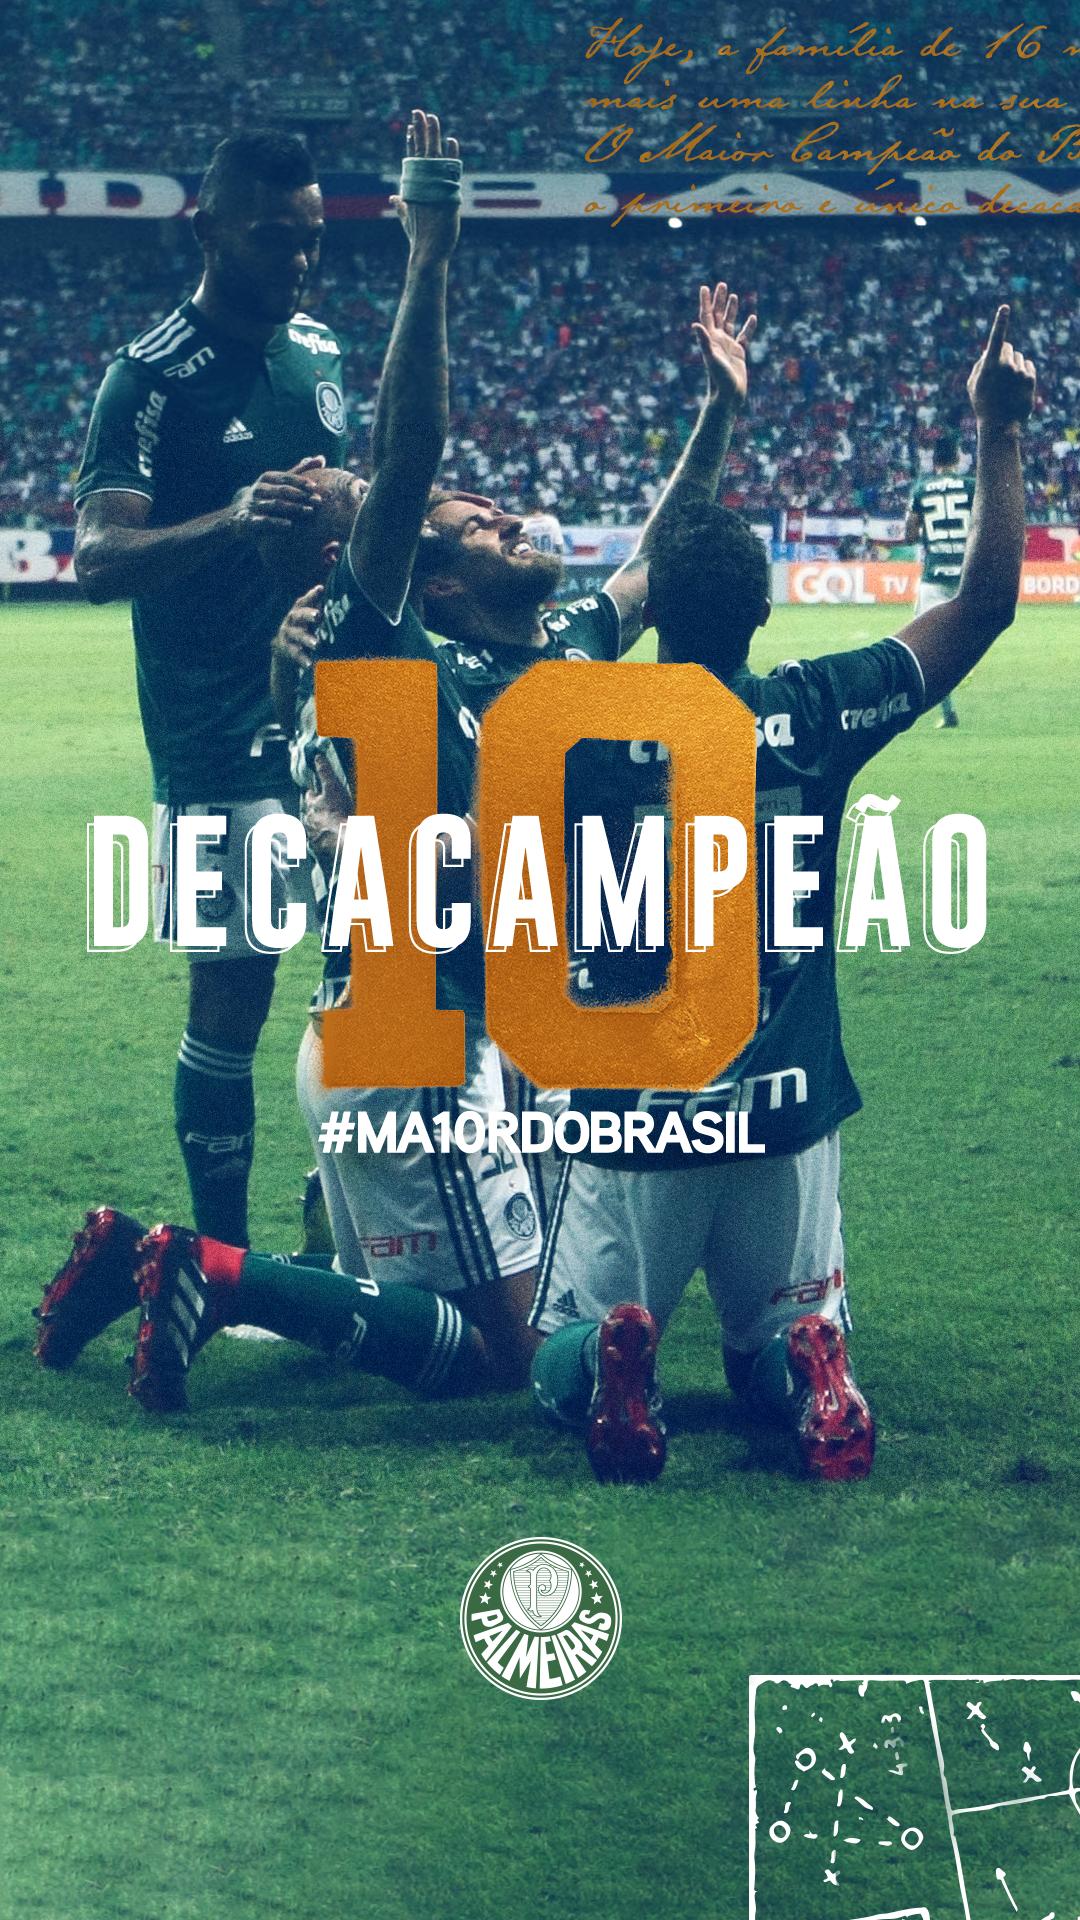 b00470e8b9351 Palmeiras Decampeão Brasileiro!  verdão  wallpaper  palmeiras  sep   fundodetela  deca  campeão  allianzparque  palestra  italia  nacional   maior ...